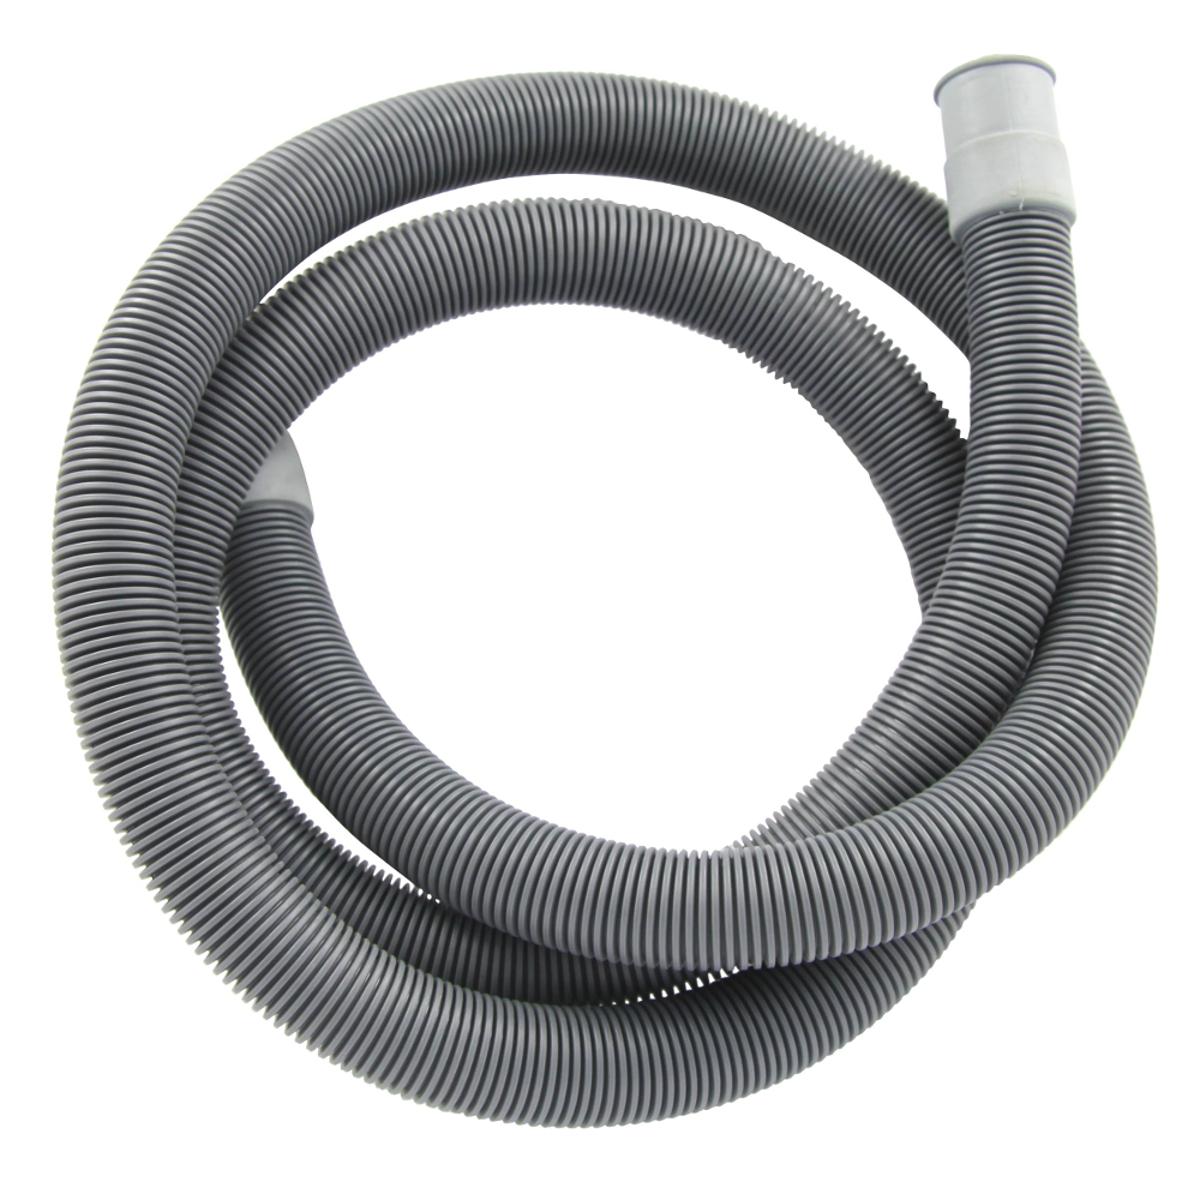 Шланг сливной для стиральной машины, 4м ЗИП-ФЛЕКСИС.080004Шланг сливной предназначен для отведения использованной воды в систему канализацииДлина 4 метра, Россия.